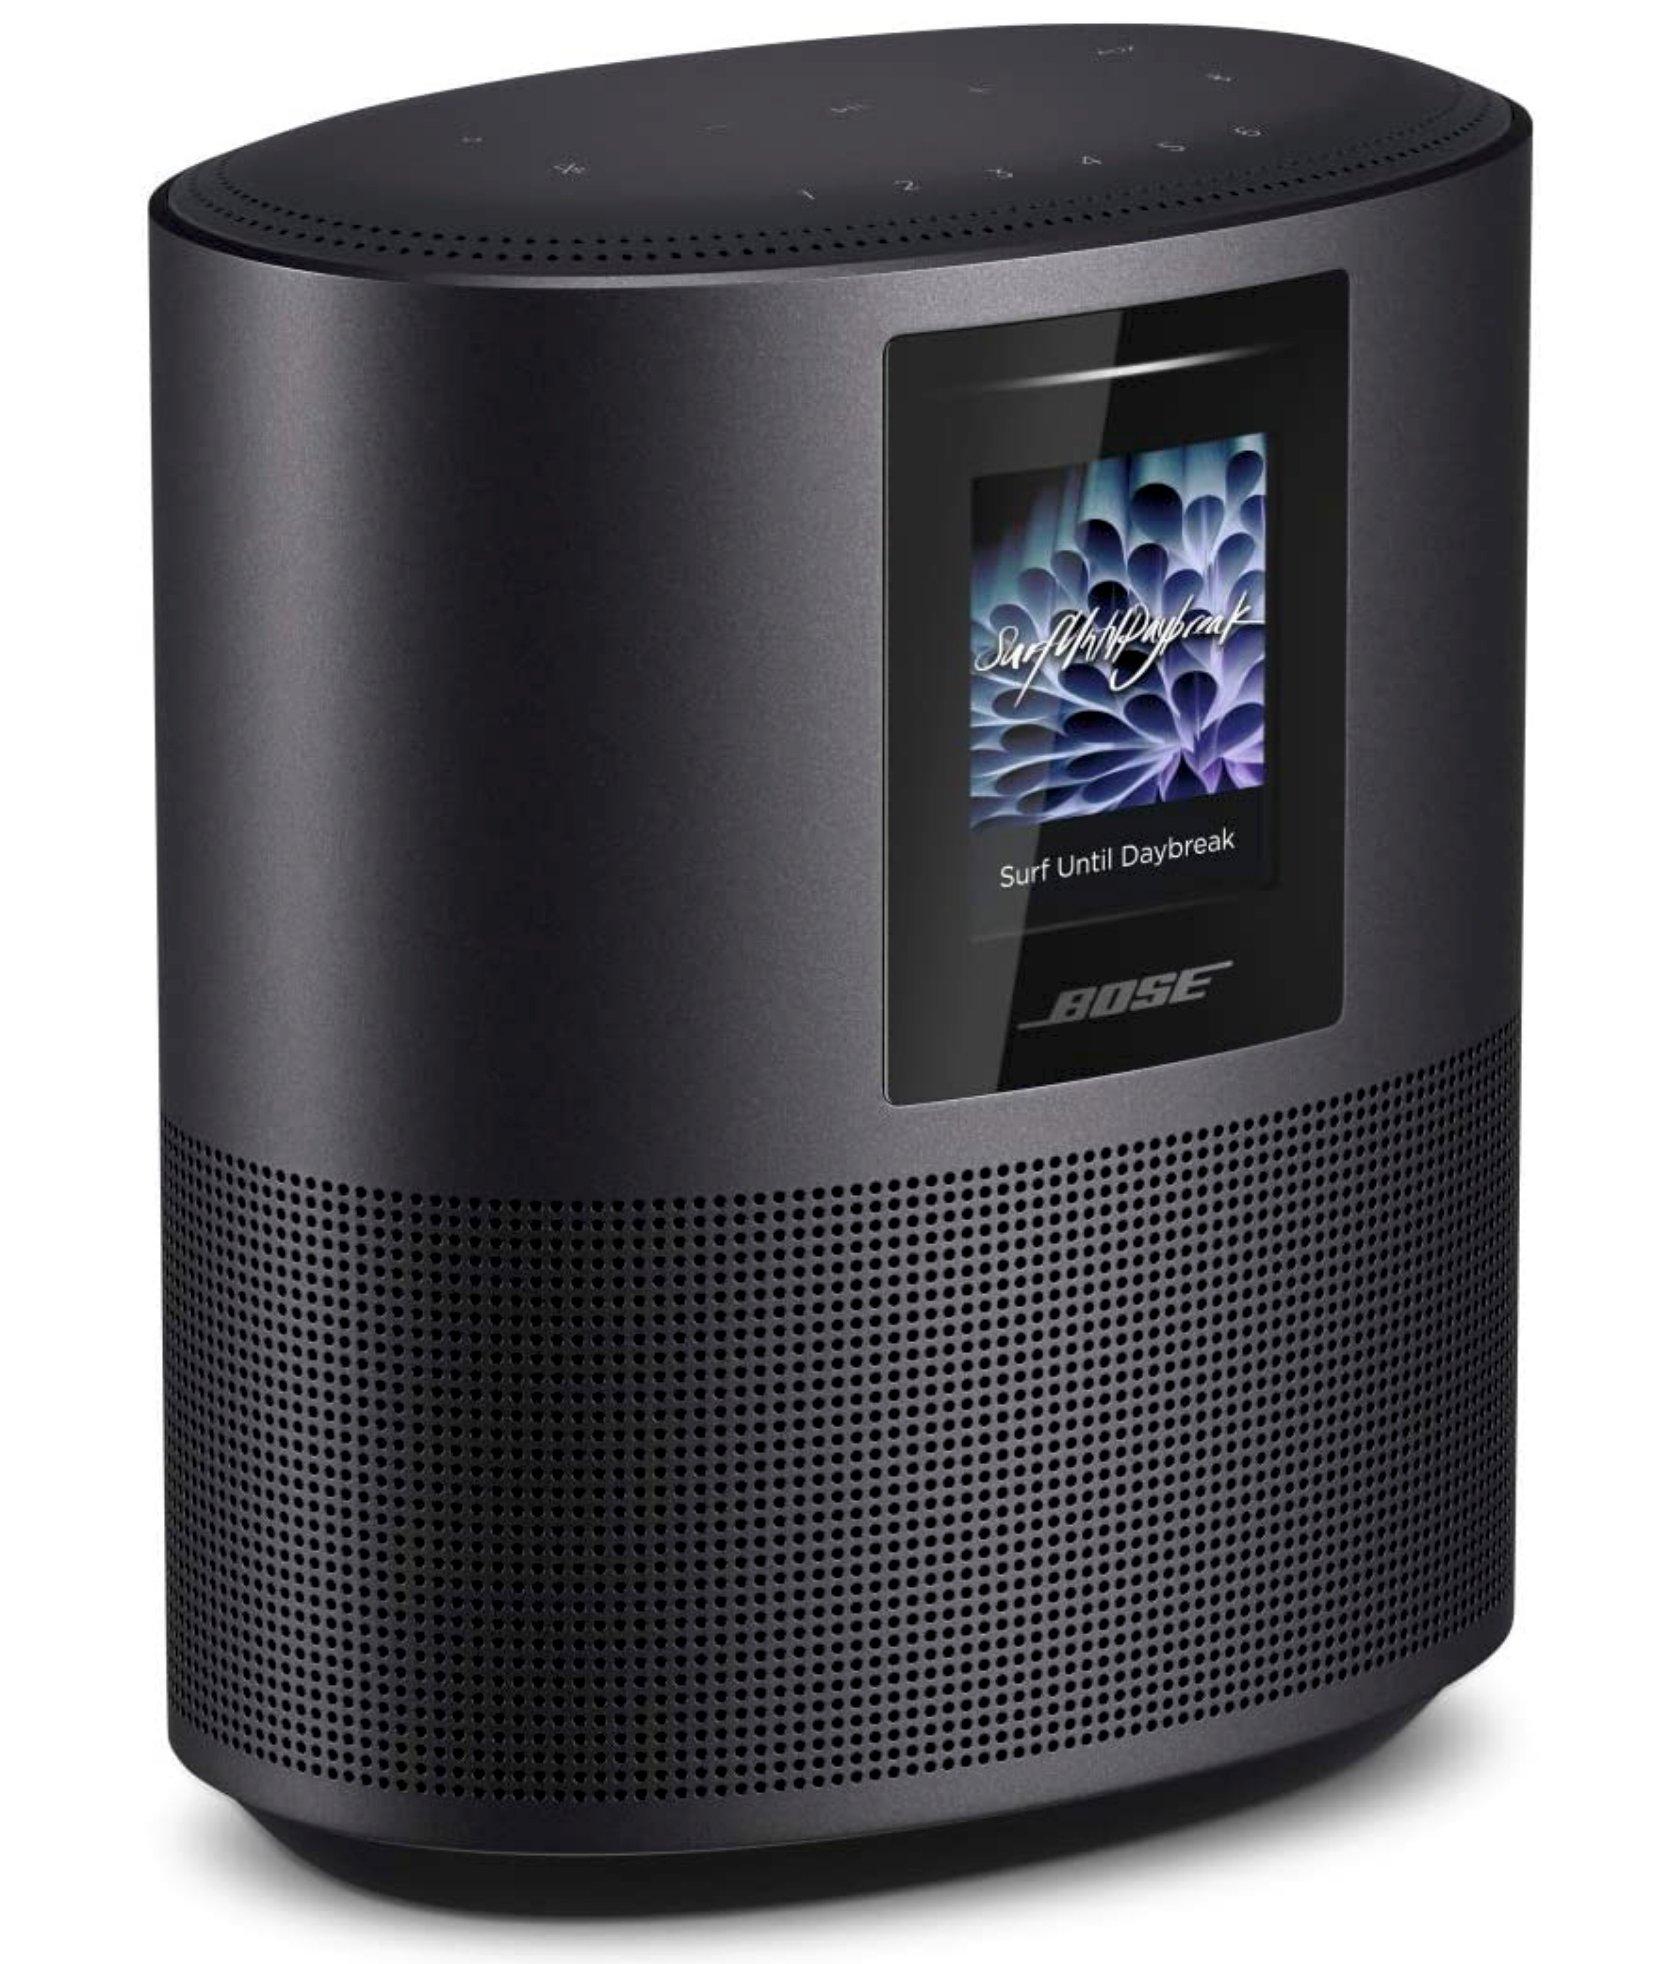 Bose Home 500 Sistema De Altofalante Sem Fio Comando De Voz